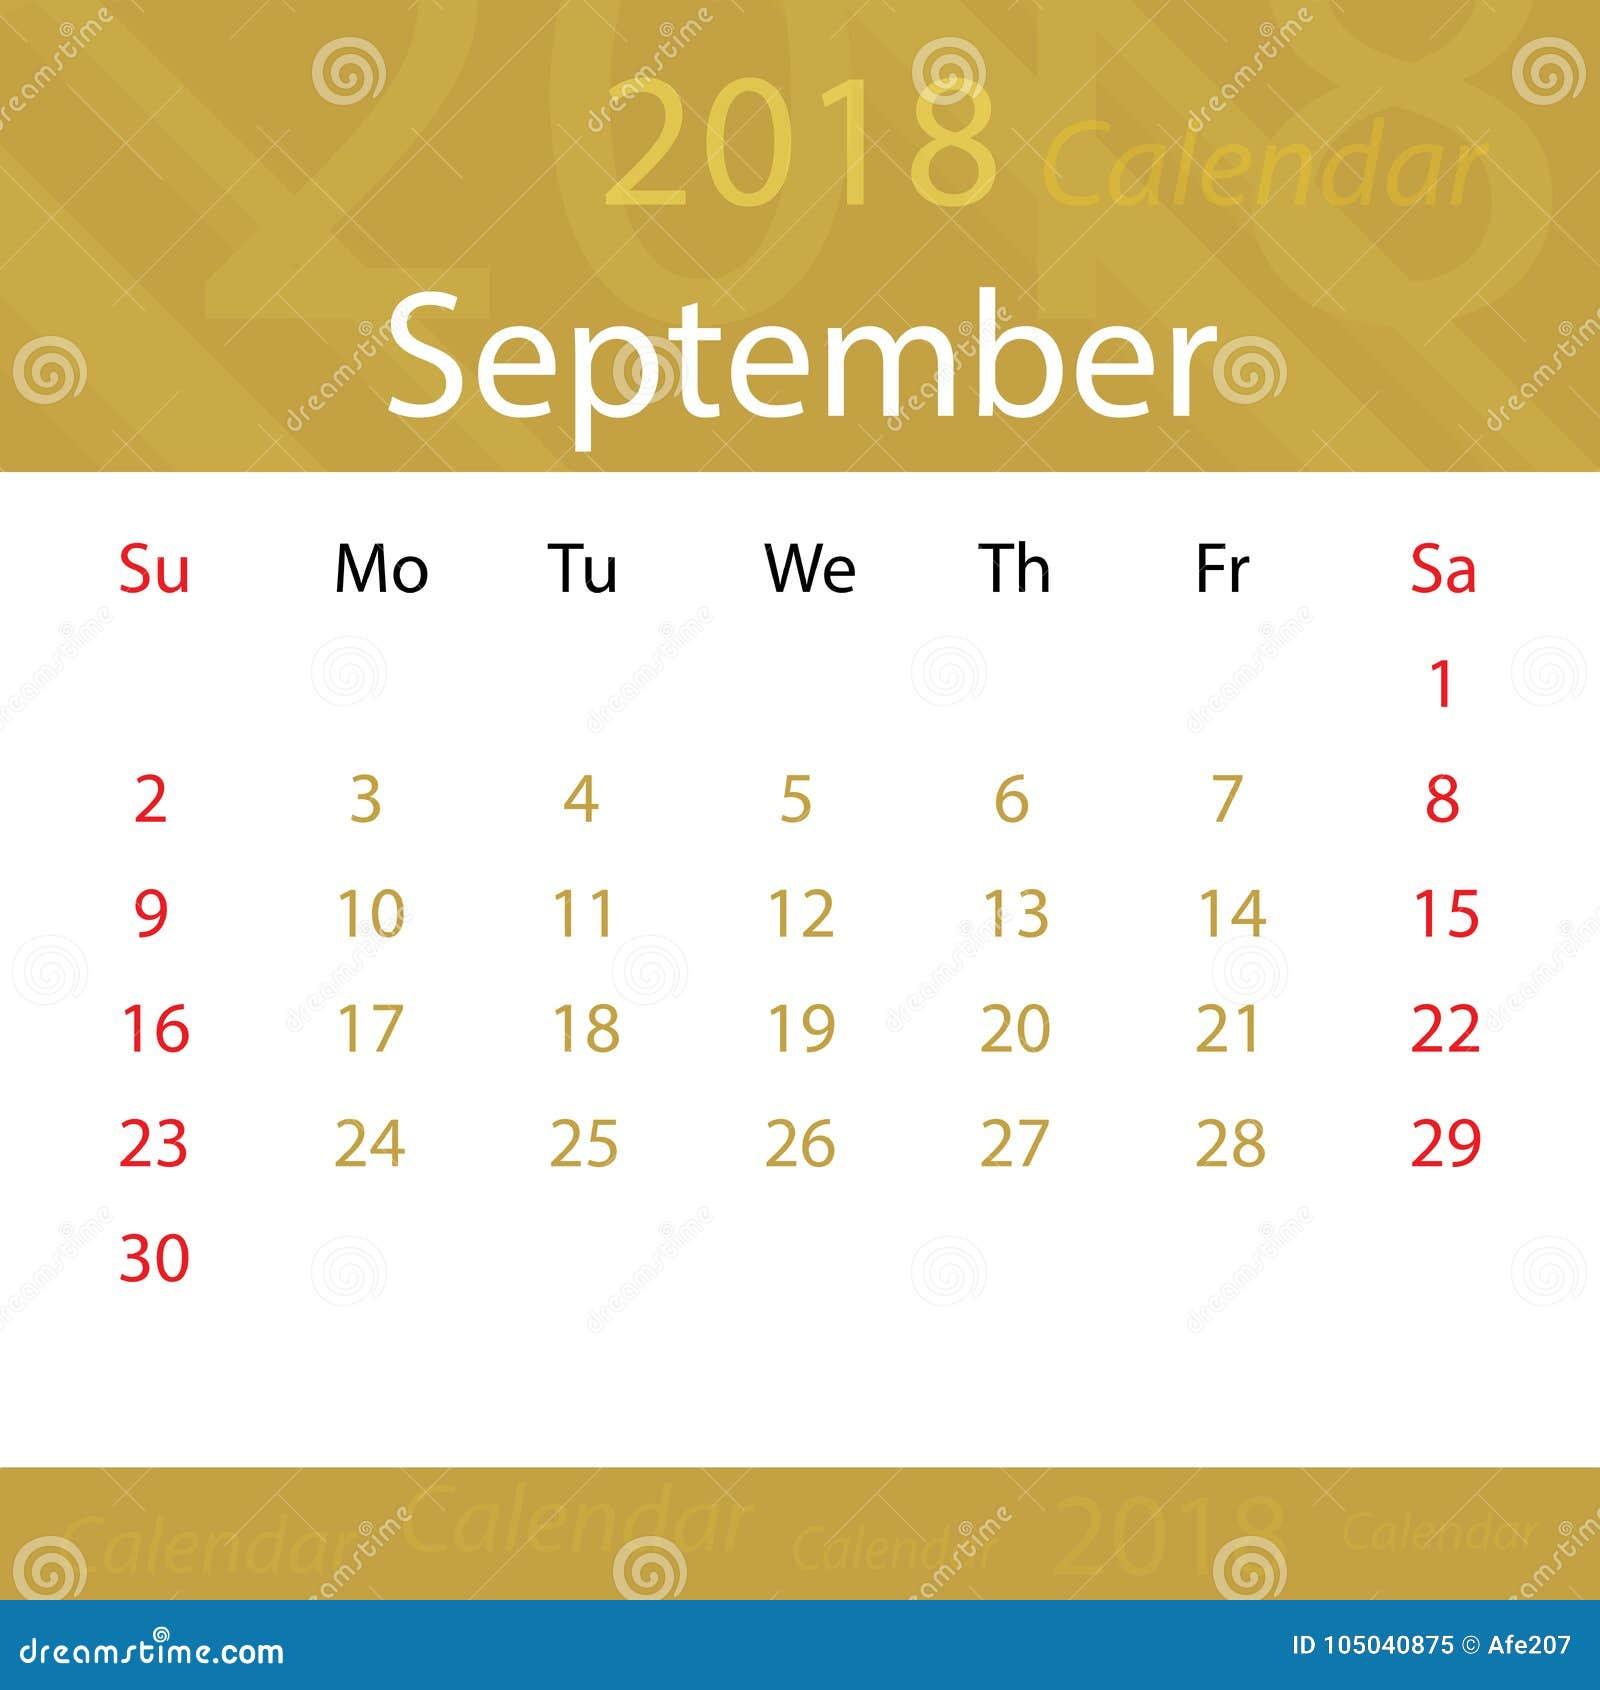 September 2018 calendar popular gold premium for business